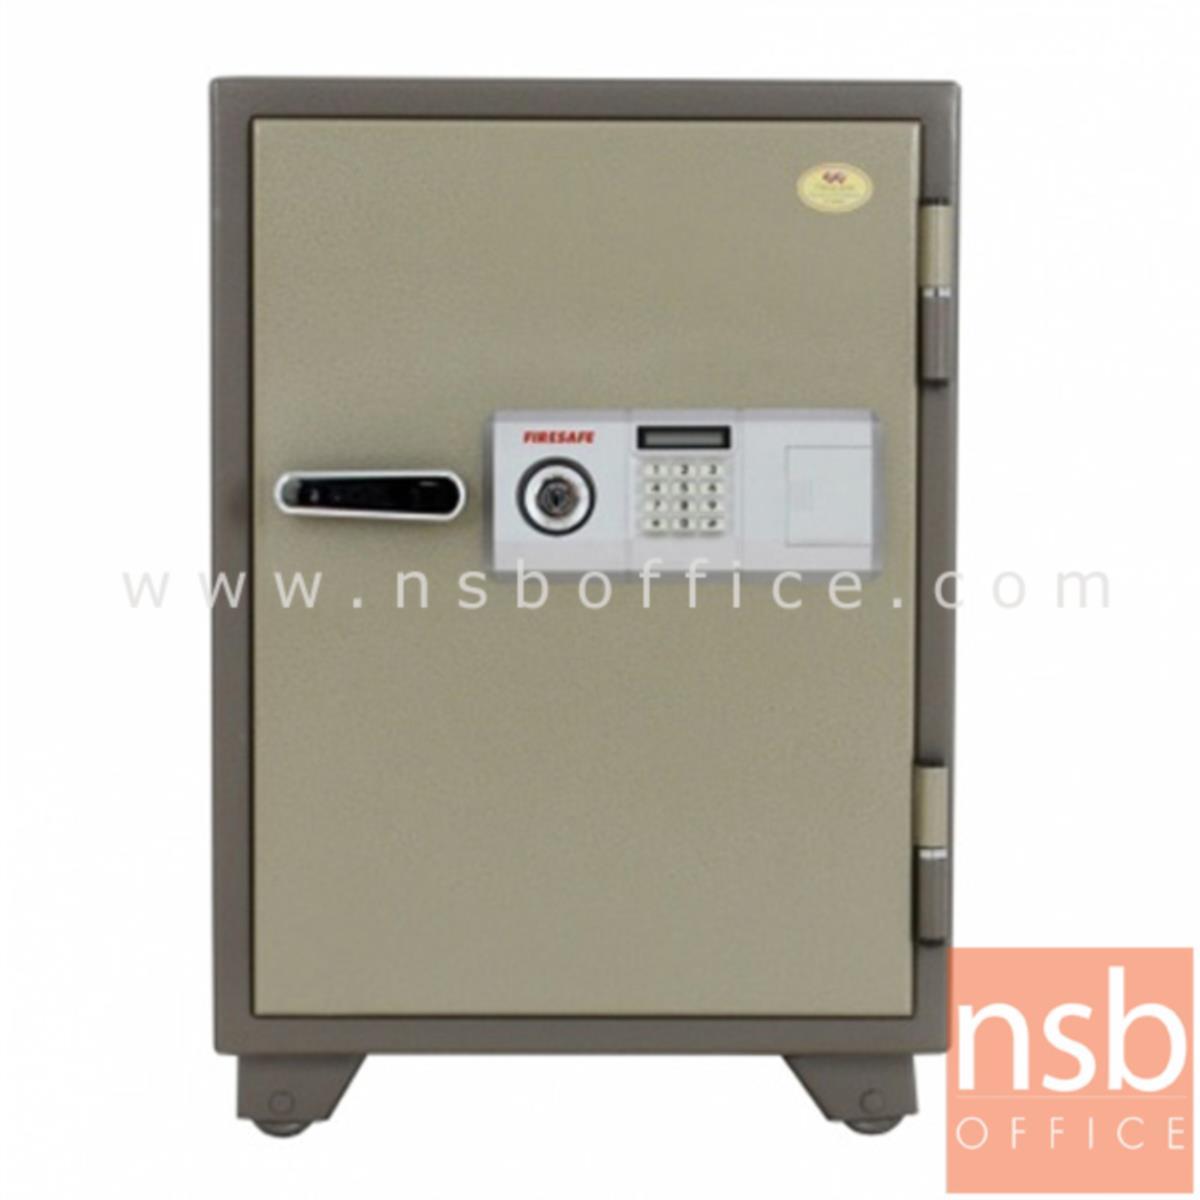 ตู้เซฟนิรภัยดิจิตอล 105 กก. ลีโก้ รุ่น LEECO-SD-XPL มี 1 กุญแจ 1 รหัส